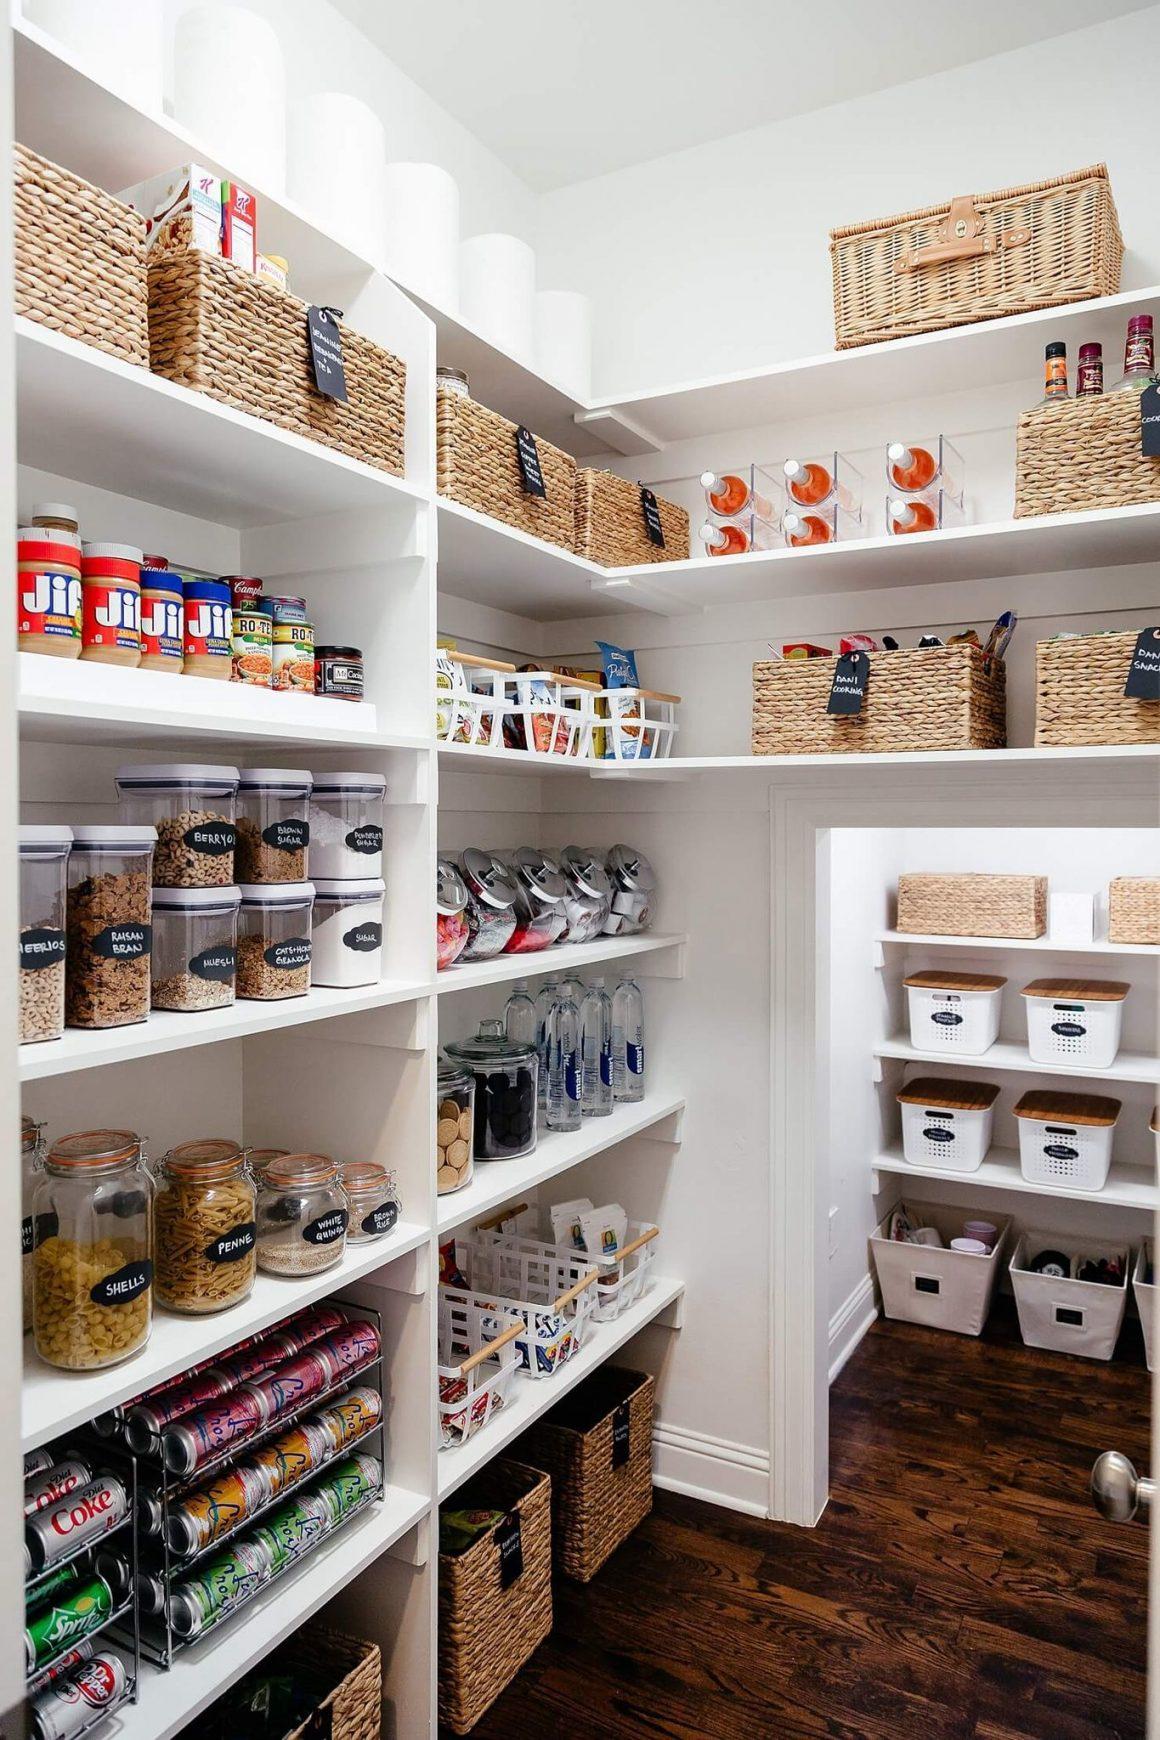 casier en osier et boites en verre étiquetées sur des étagères larges